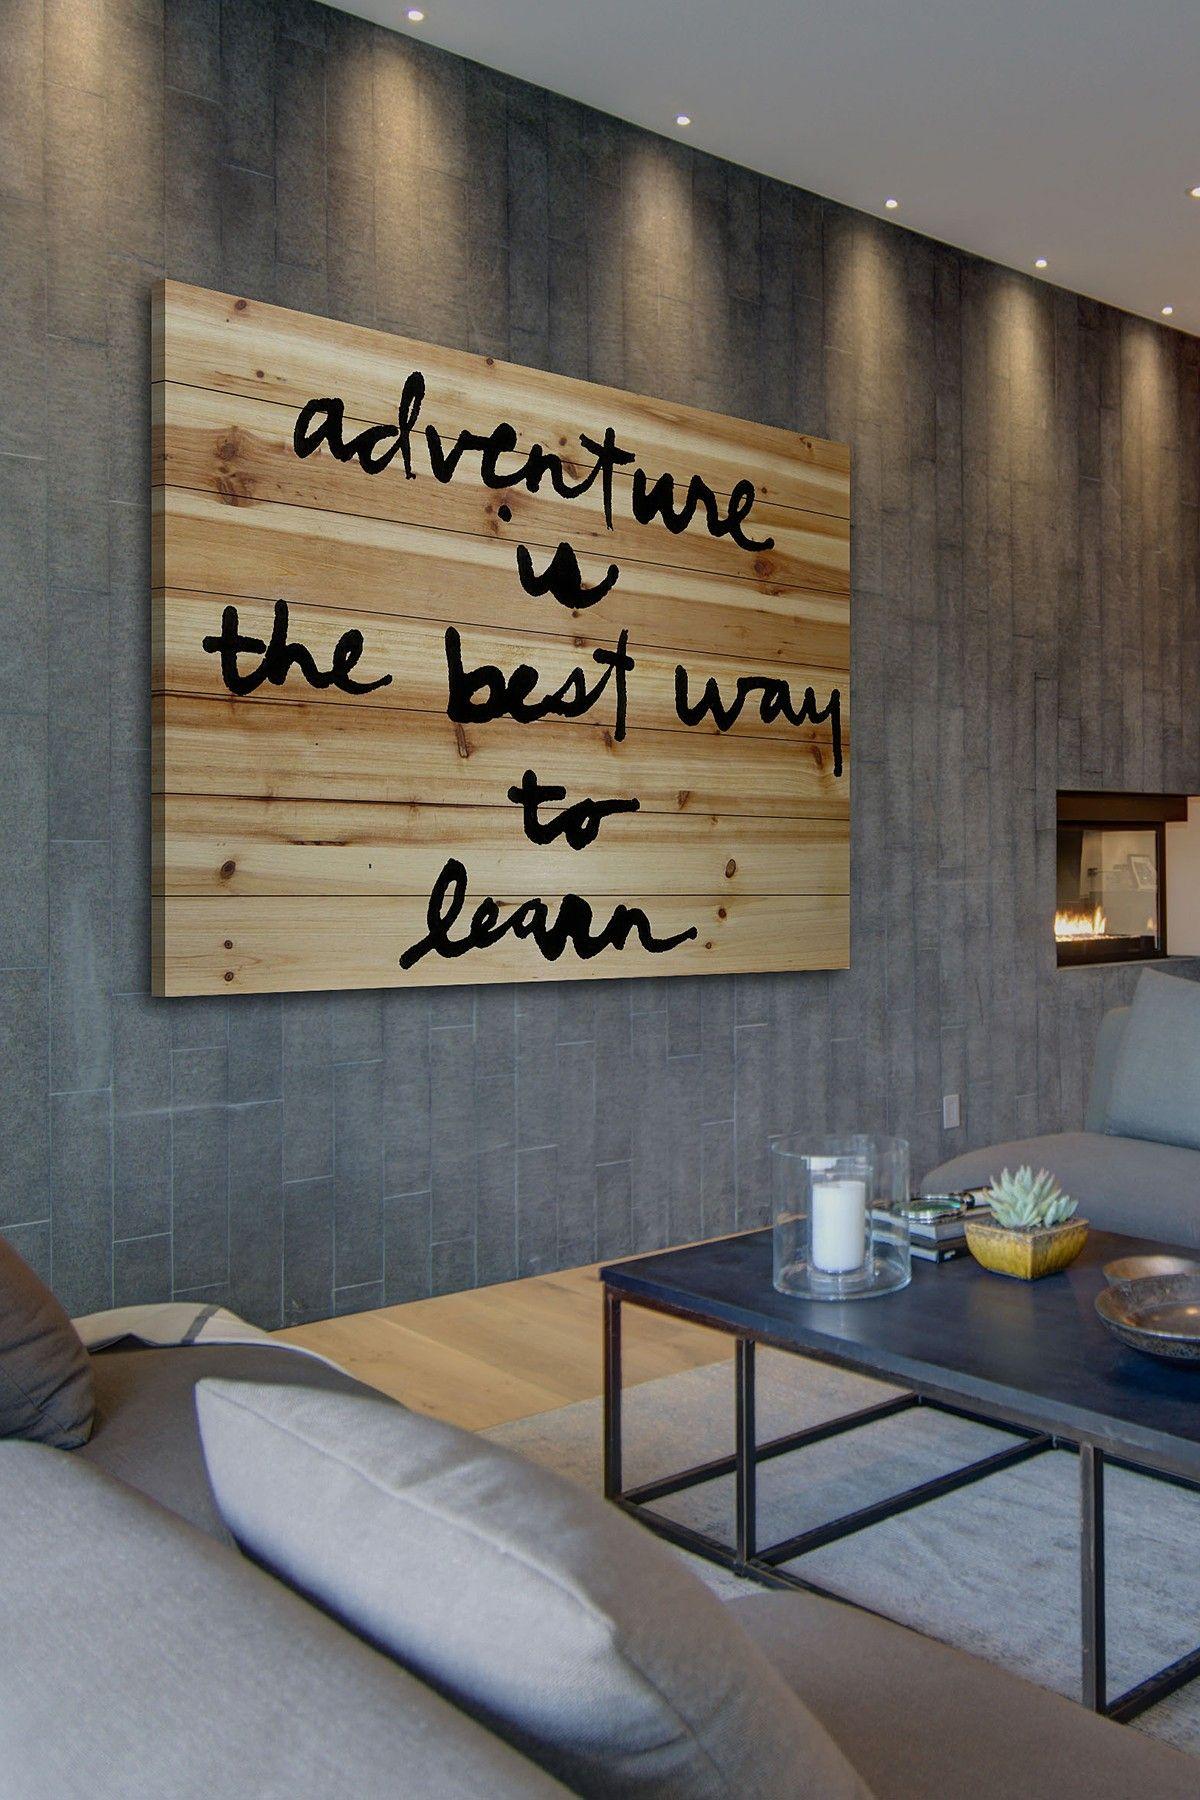 Pin By Sharece Mecham On Home Decor Pinterest Wood Wall Art